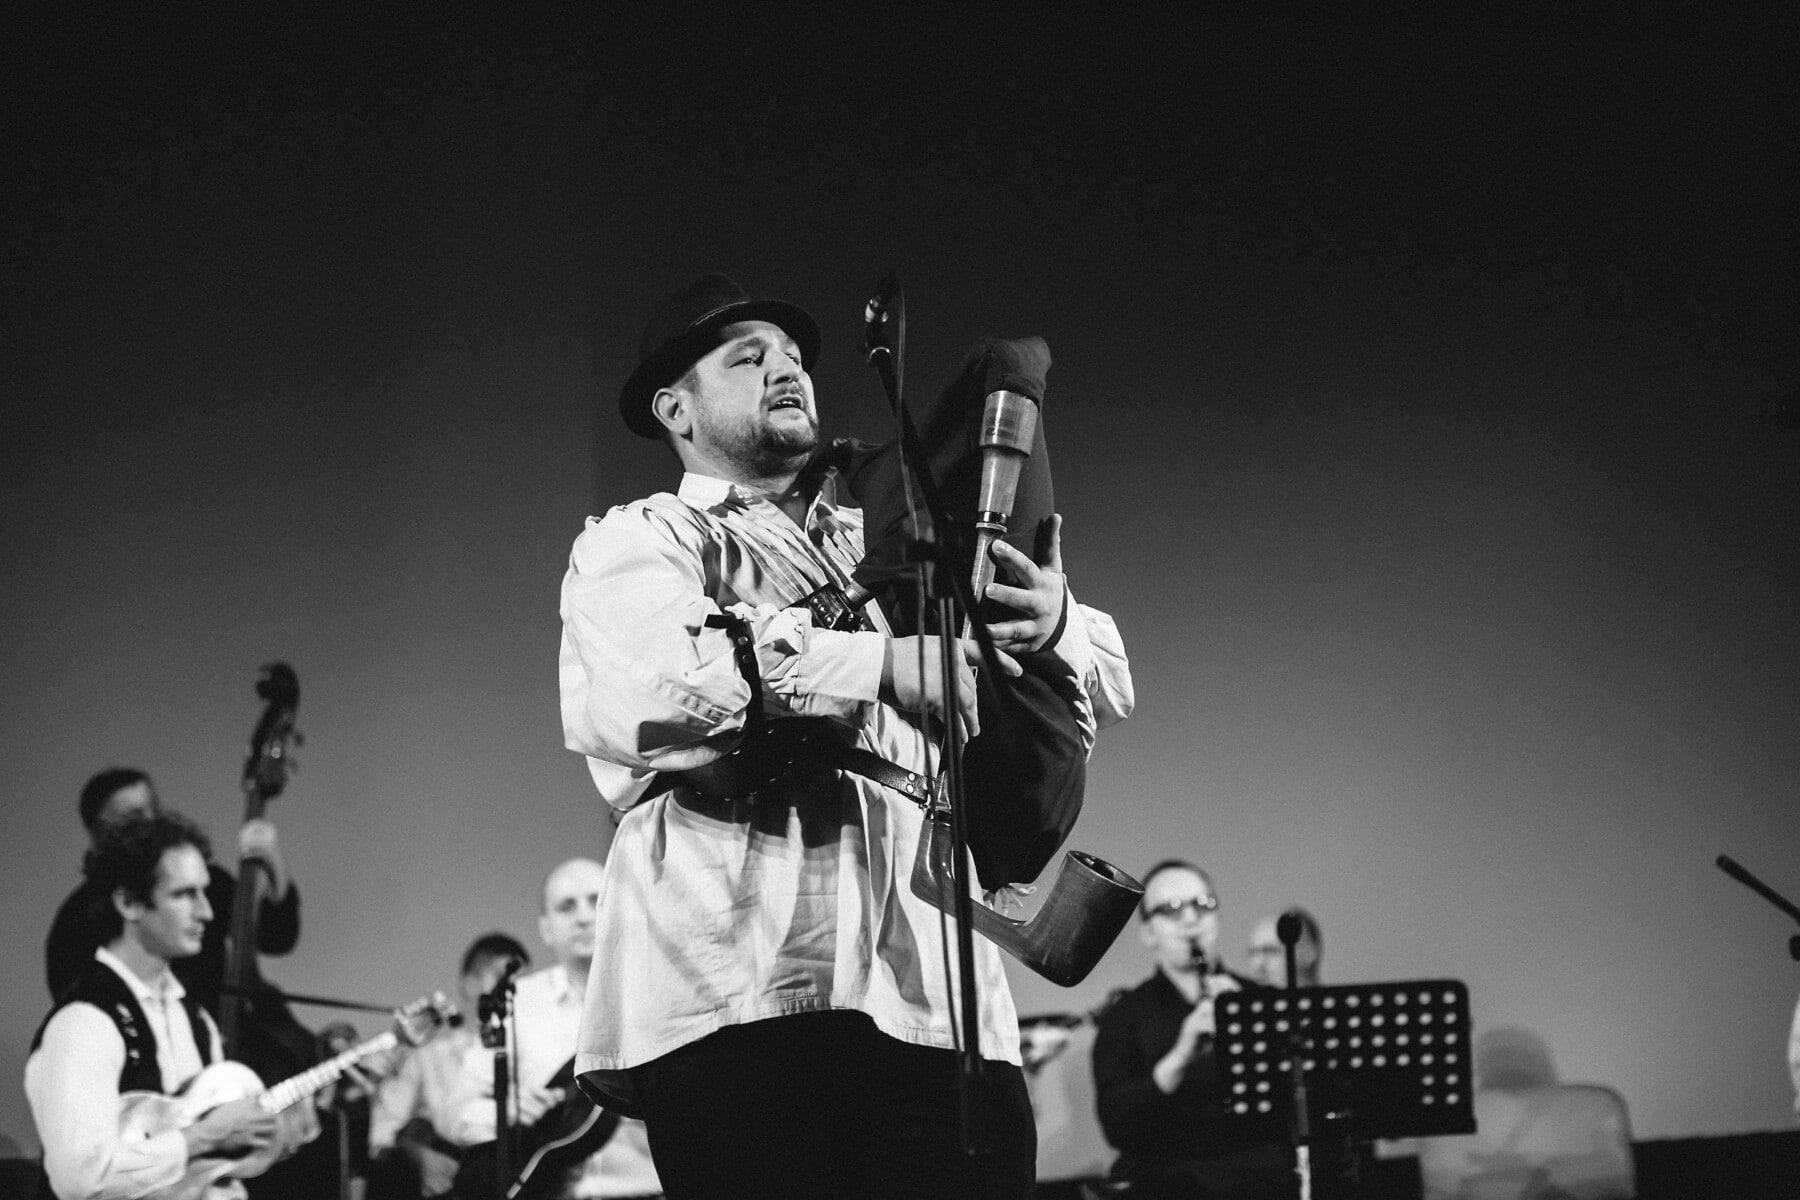 Dudelsack, Konzert, Musiker, Musik, Mann, Konzertsaal, Instrument, Menschen, Person, Gitarre